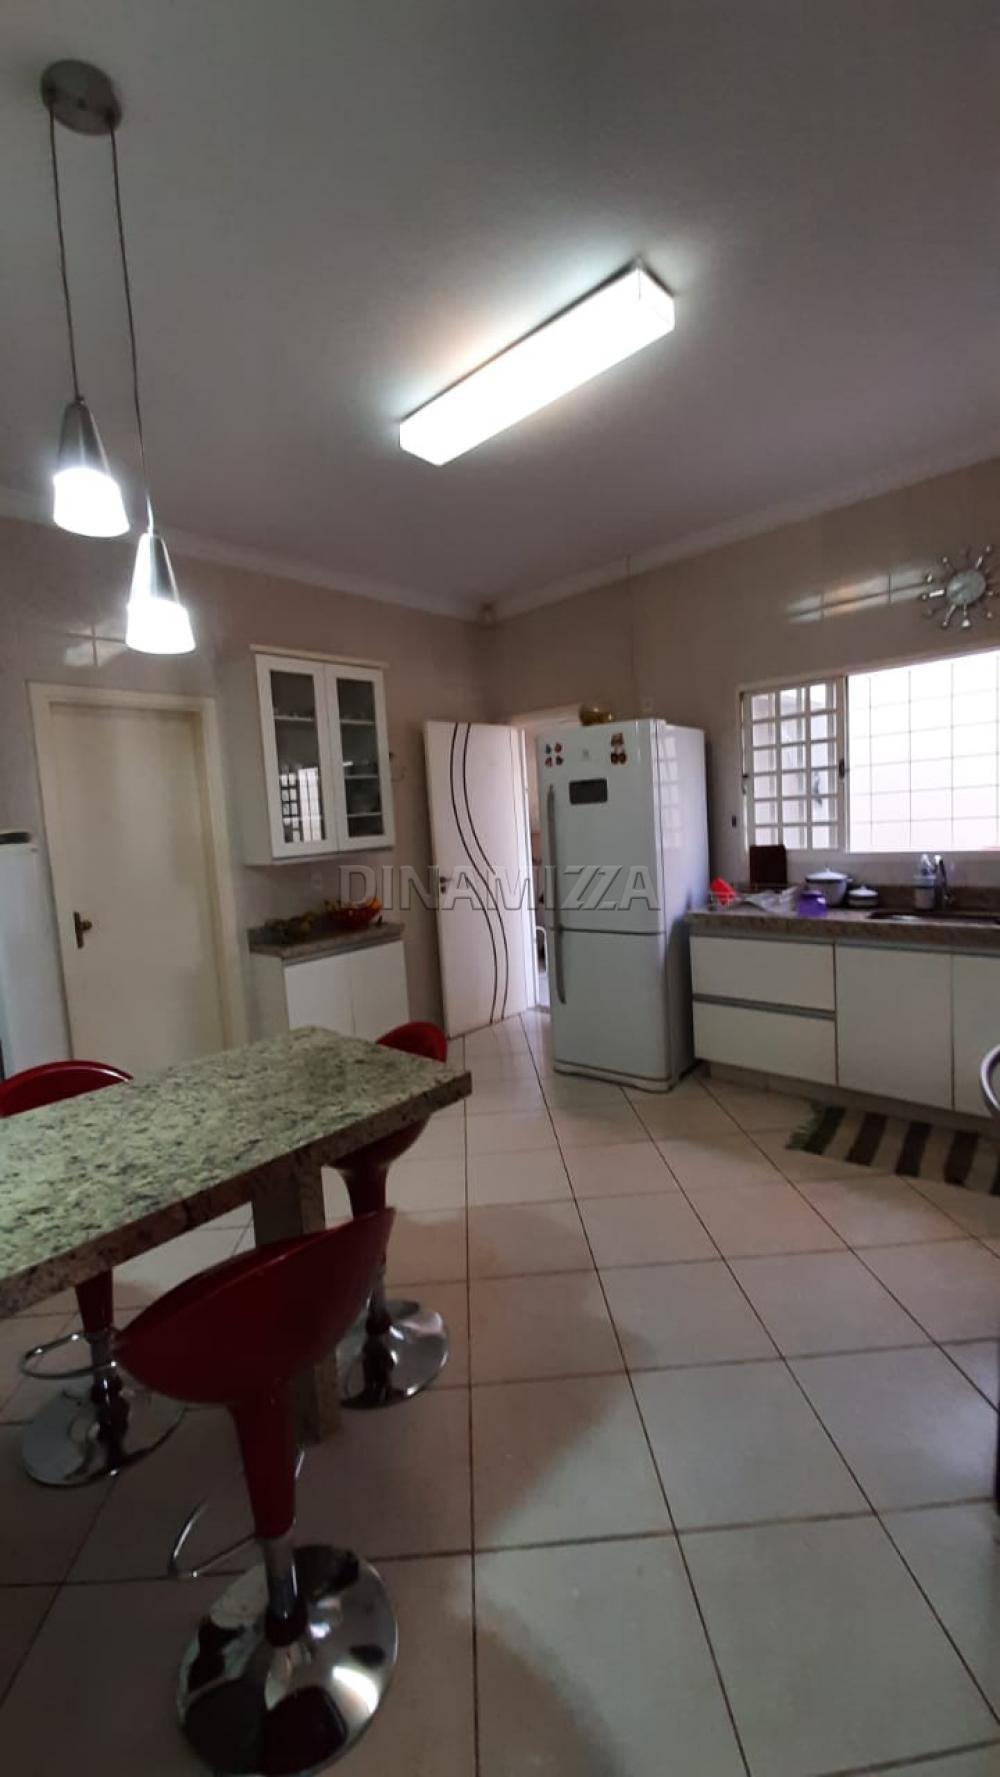 Alugar Casa / Padrão em Uberaba apenas R$ 3.500,00 - Foto 15